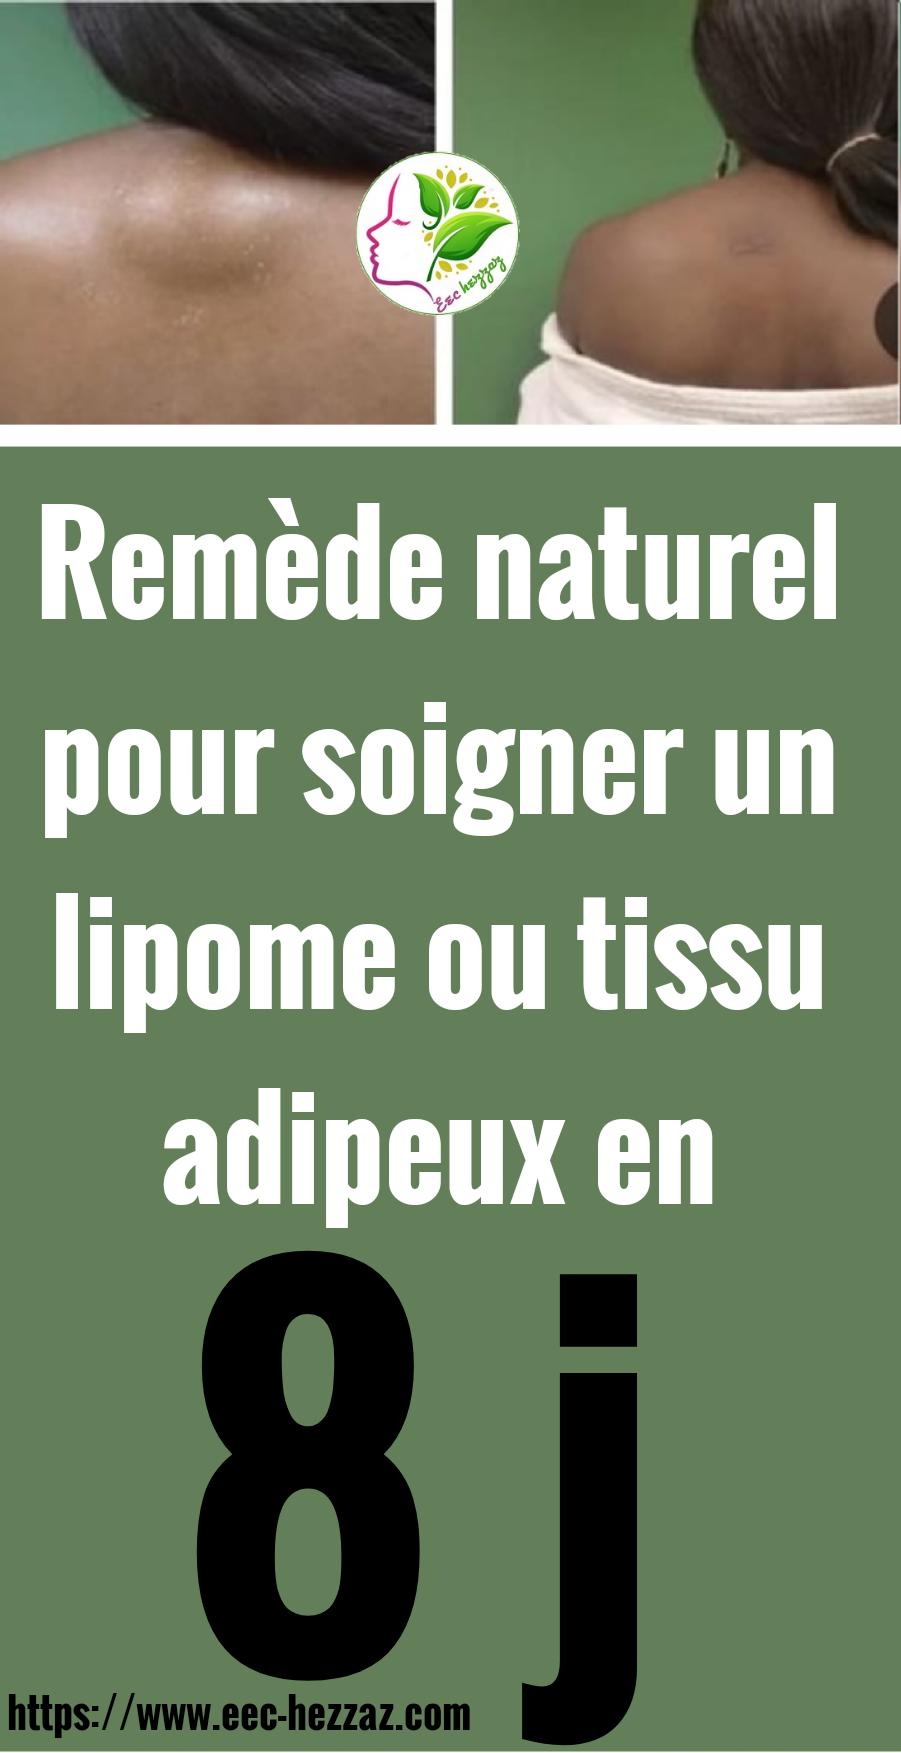 Remède naturel pour soigner un lipome ou tissu adipeux en 8 j